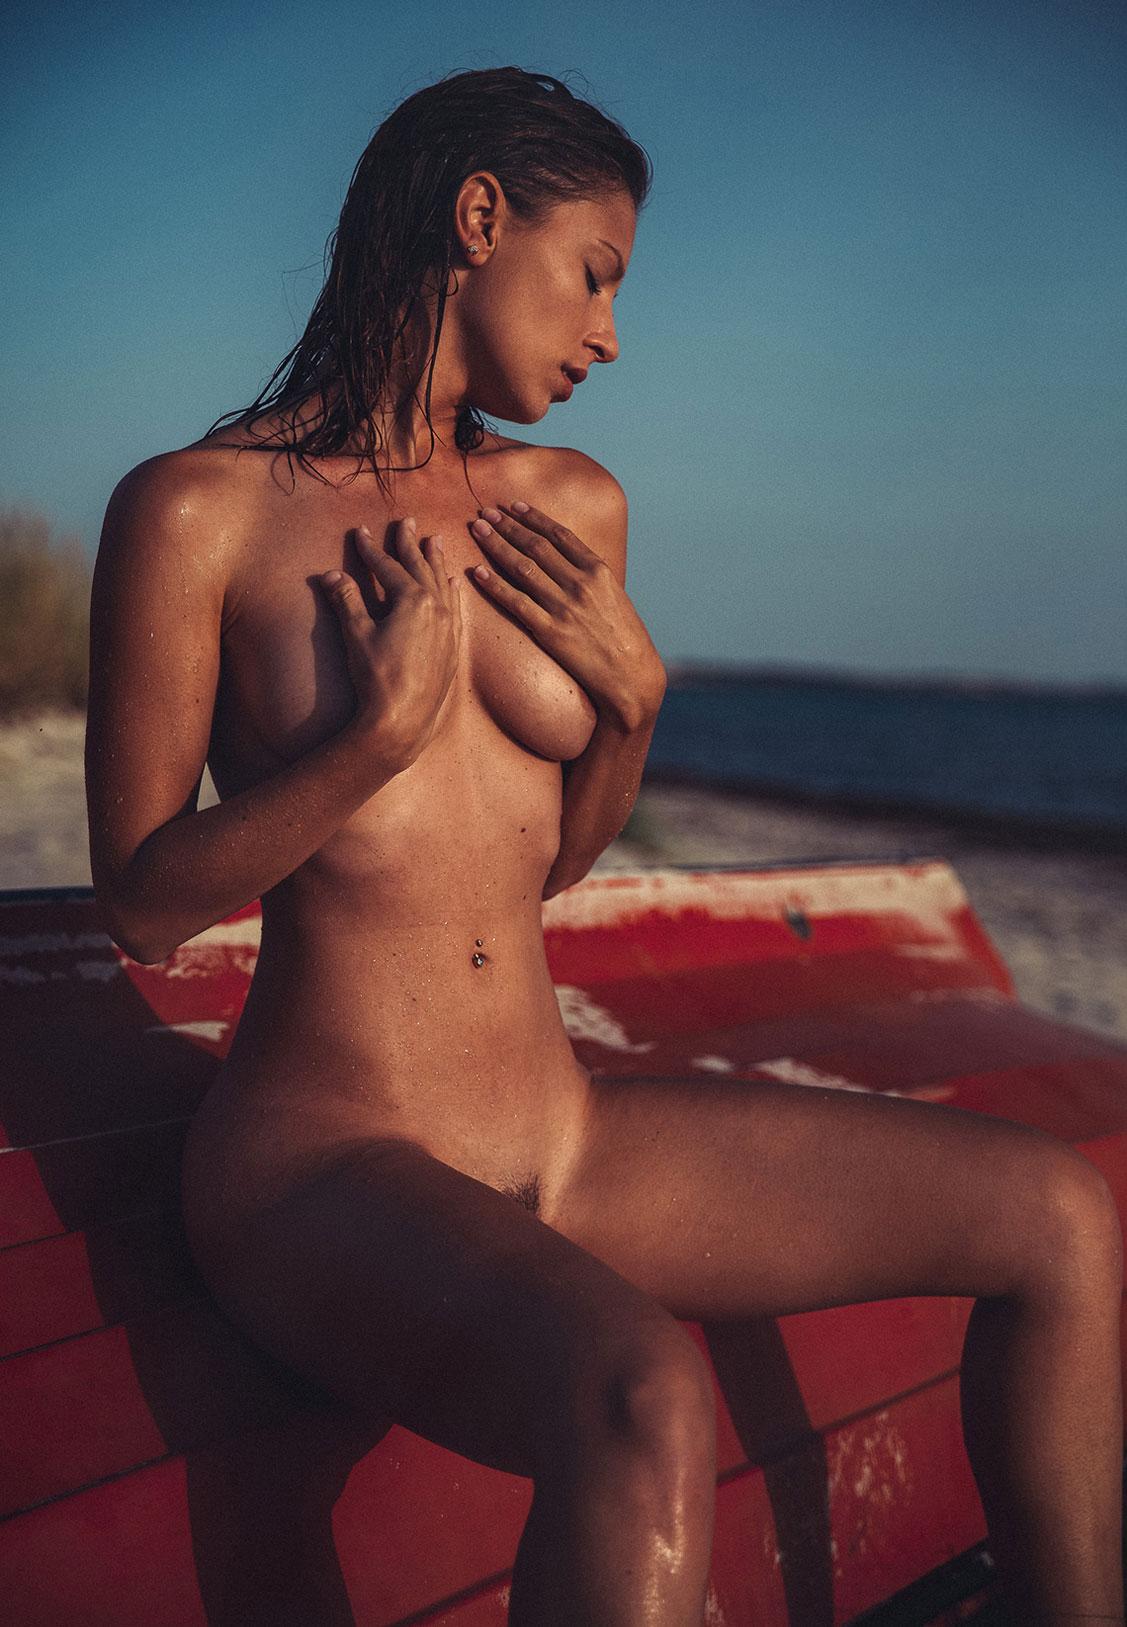 подборка фотографий сексуальных голых девушек - Miluniel